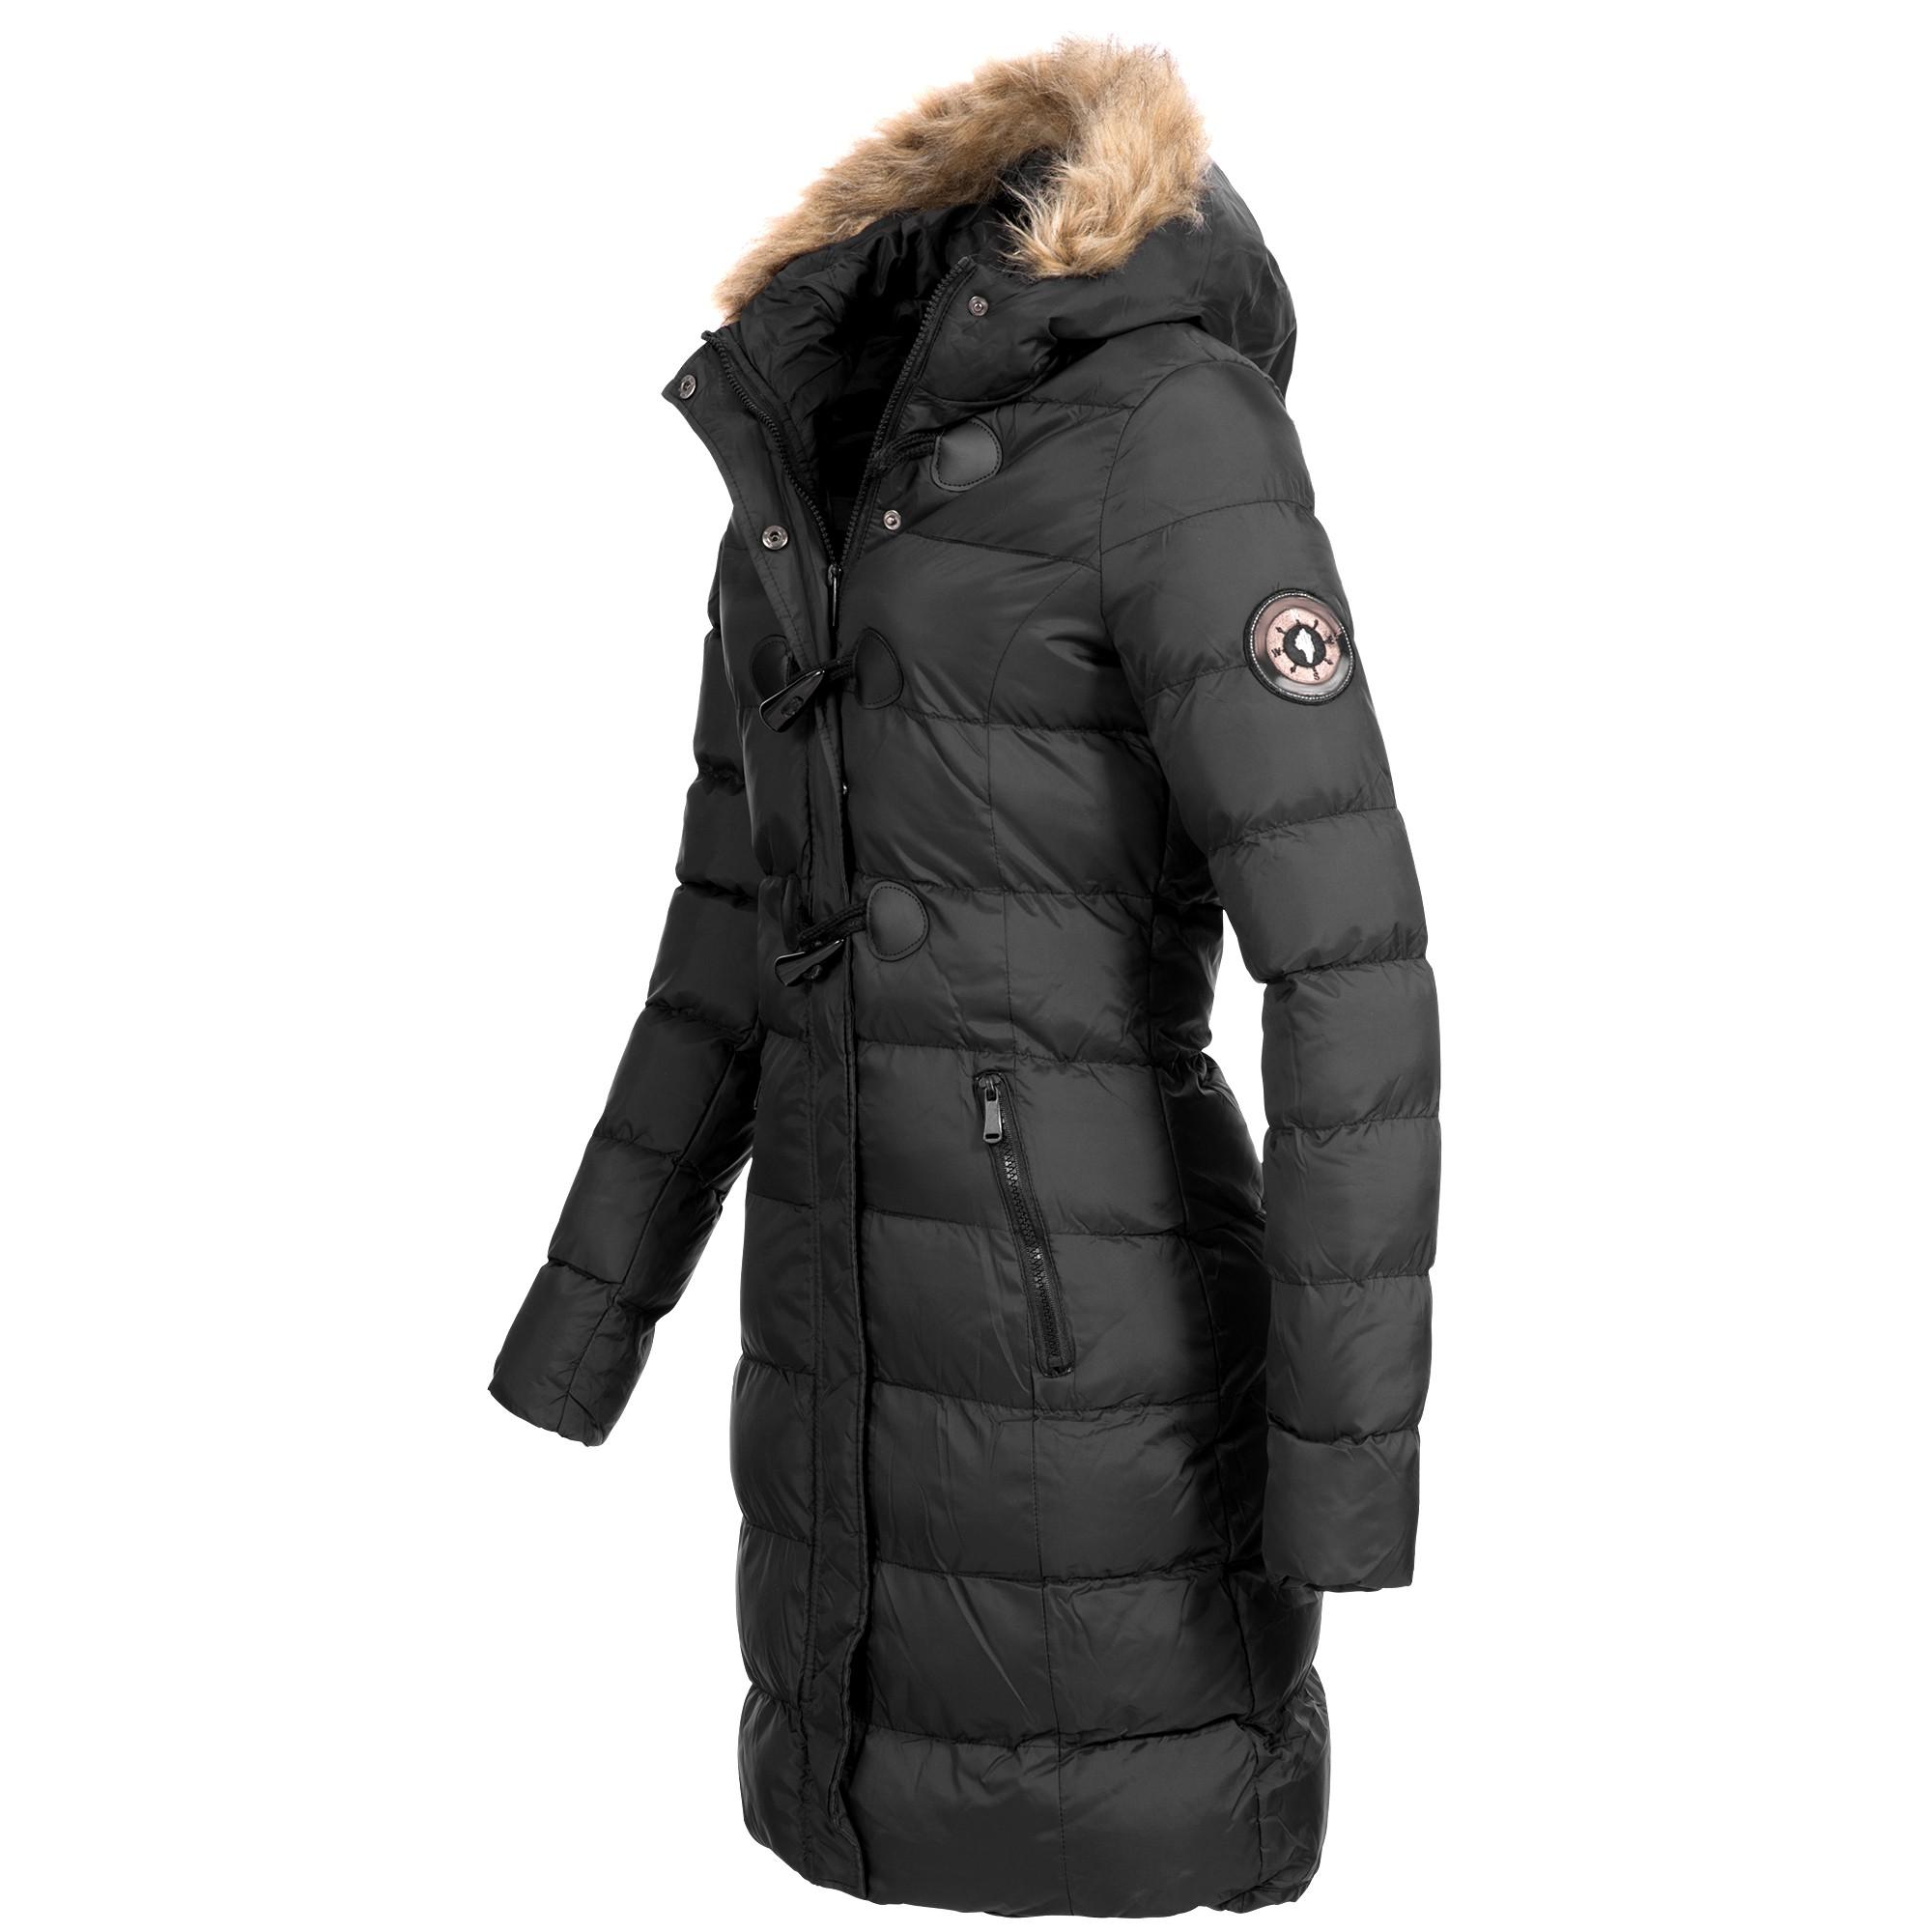 detailed look 24c54 e436c Brave Soul Damen Steppmantel Winter Mantel Parka Jacke warm S-XXL AZ29  4-Farben